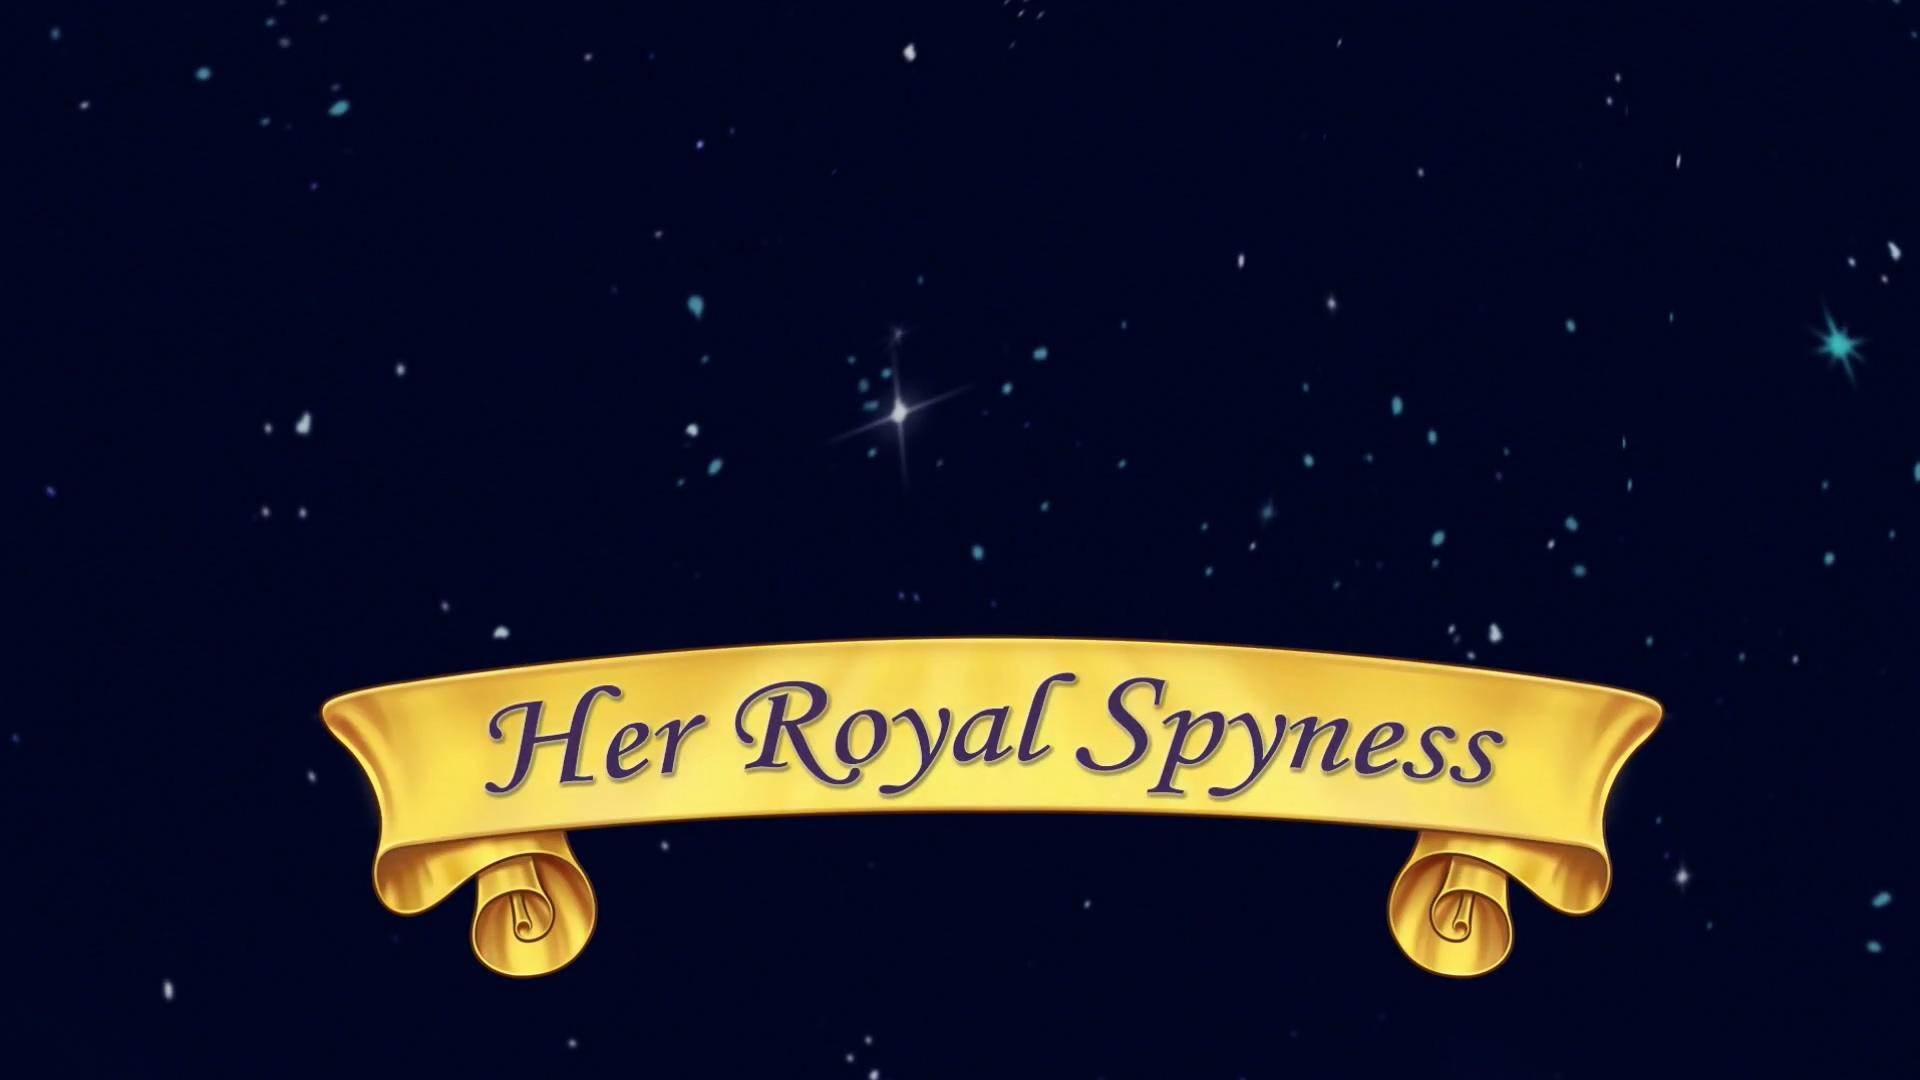 Her royal spyness disney wiki fandom powered by wikia her royal spyness fandeluxe Choice Image